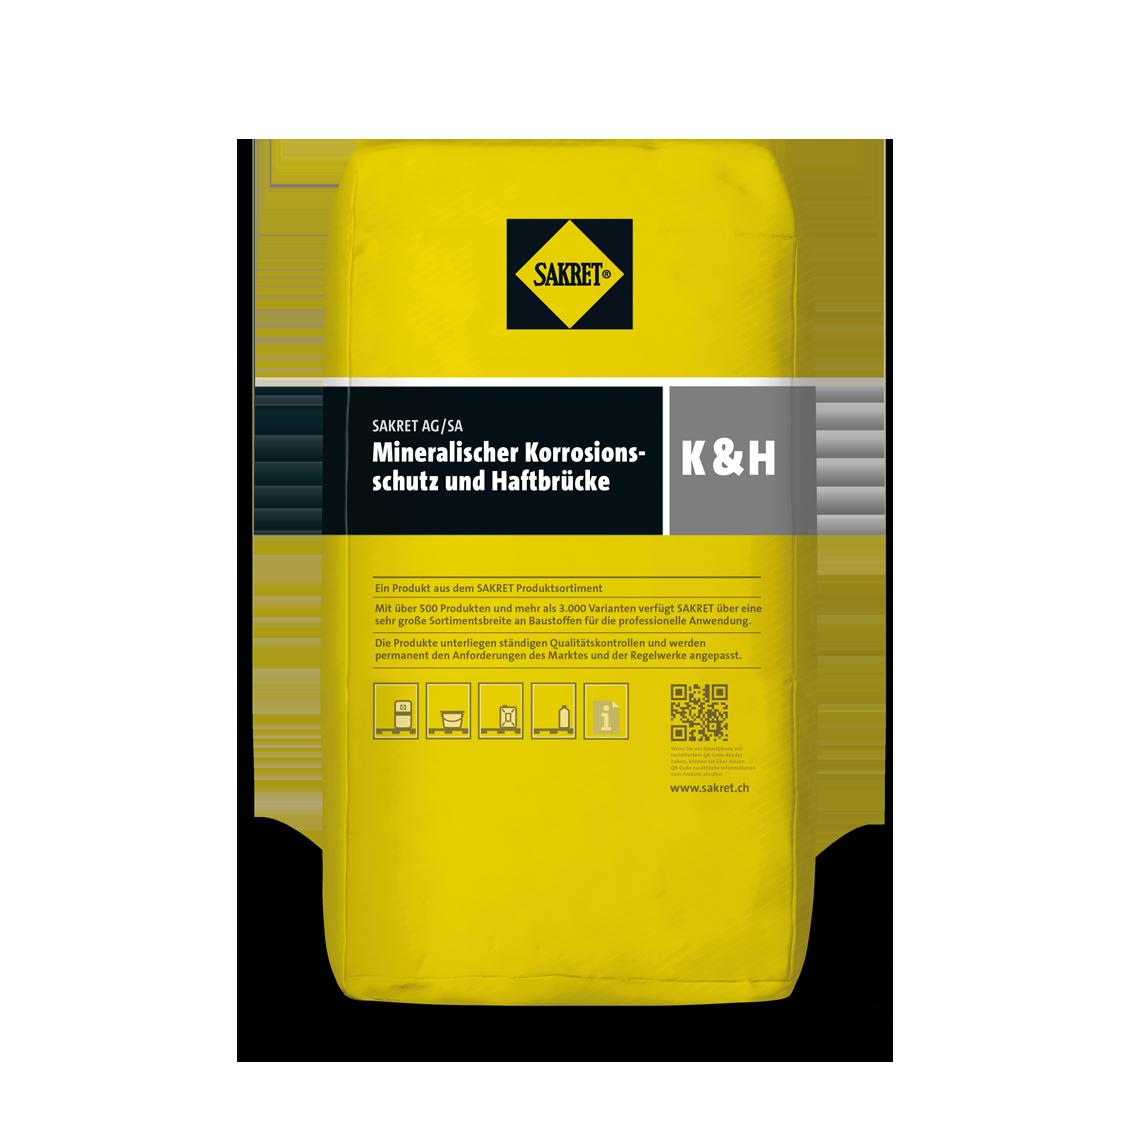 SAKRET ProduktbildMineralischer Korrosionsschutz und Haftbrücke K&H